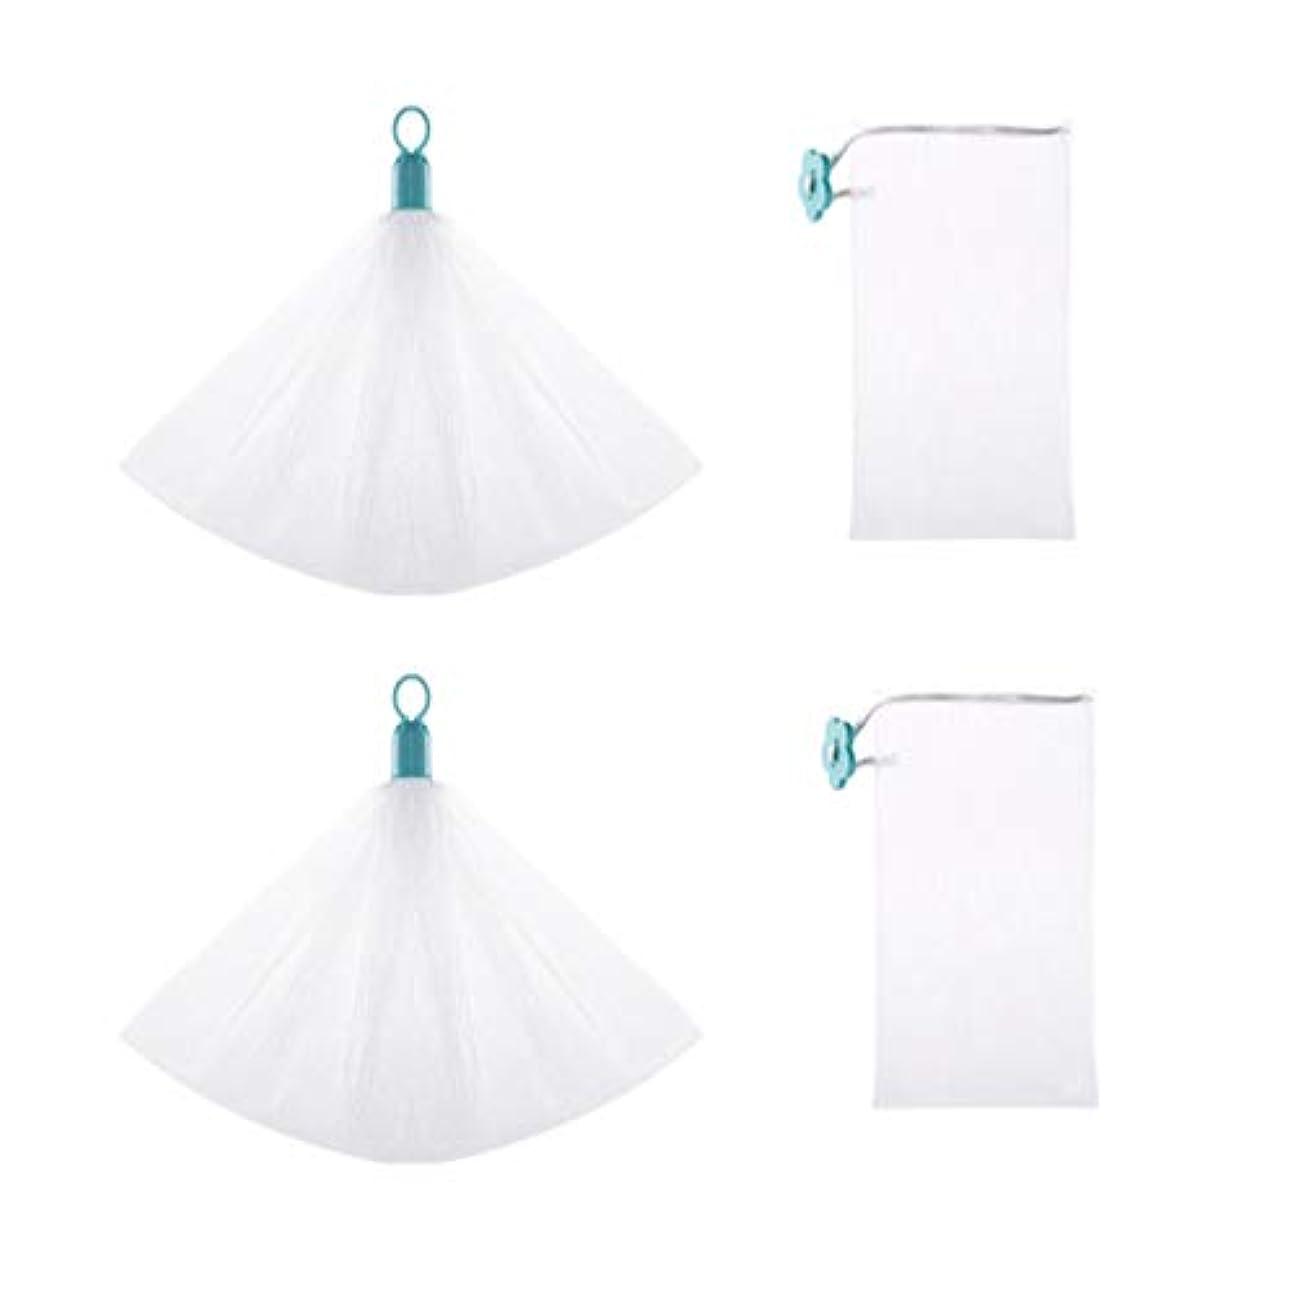 マネージャー変更立法Minkissy 4個ソープセーバーバッグ巾着ソープバッグ再利用可能な角質除去石鹸ポーチクリーニングシャワー用